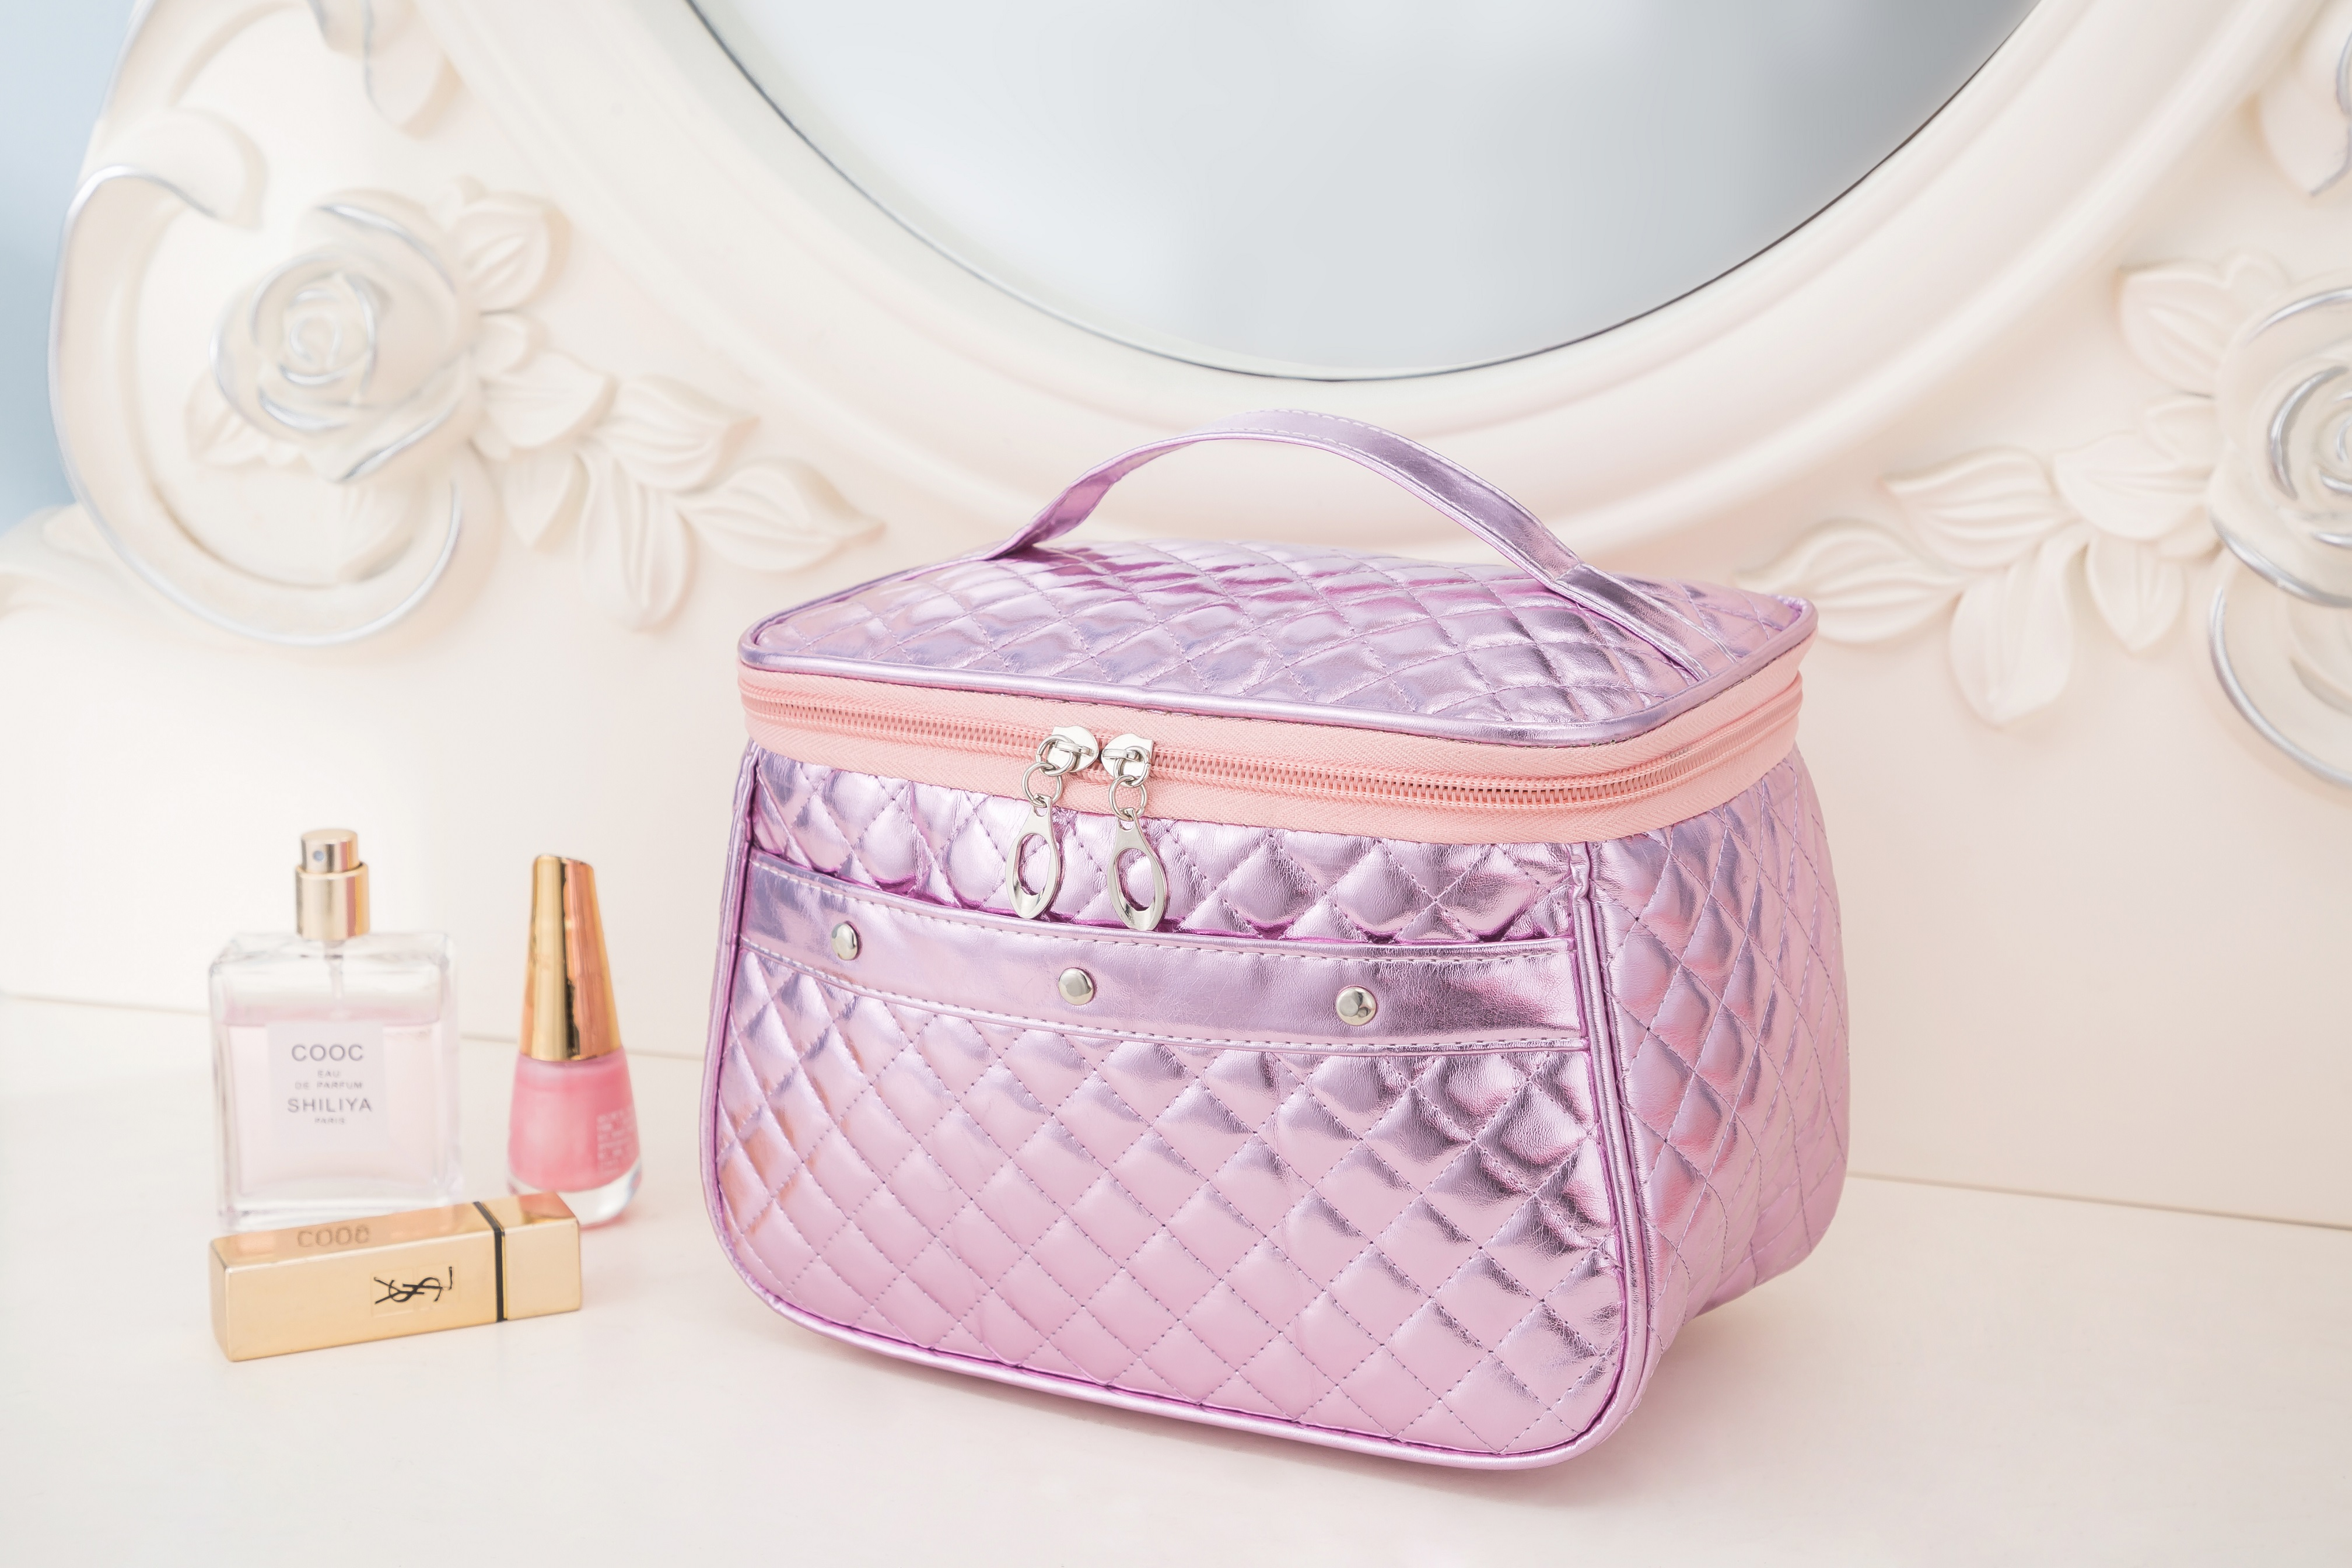 कस्टम 3 टुकड़ा सेट फैशन ब्रांड कॉस्मेटिक बैग निविड़ अंधकार Neceser पोर्टेबल श्रृंगार बैग महिलाओं पीवीसी पाउच यात्रा Toiletry बैग